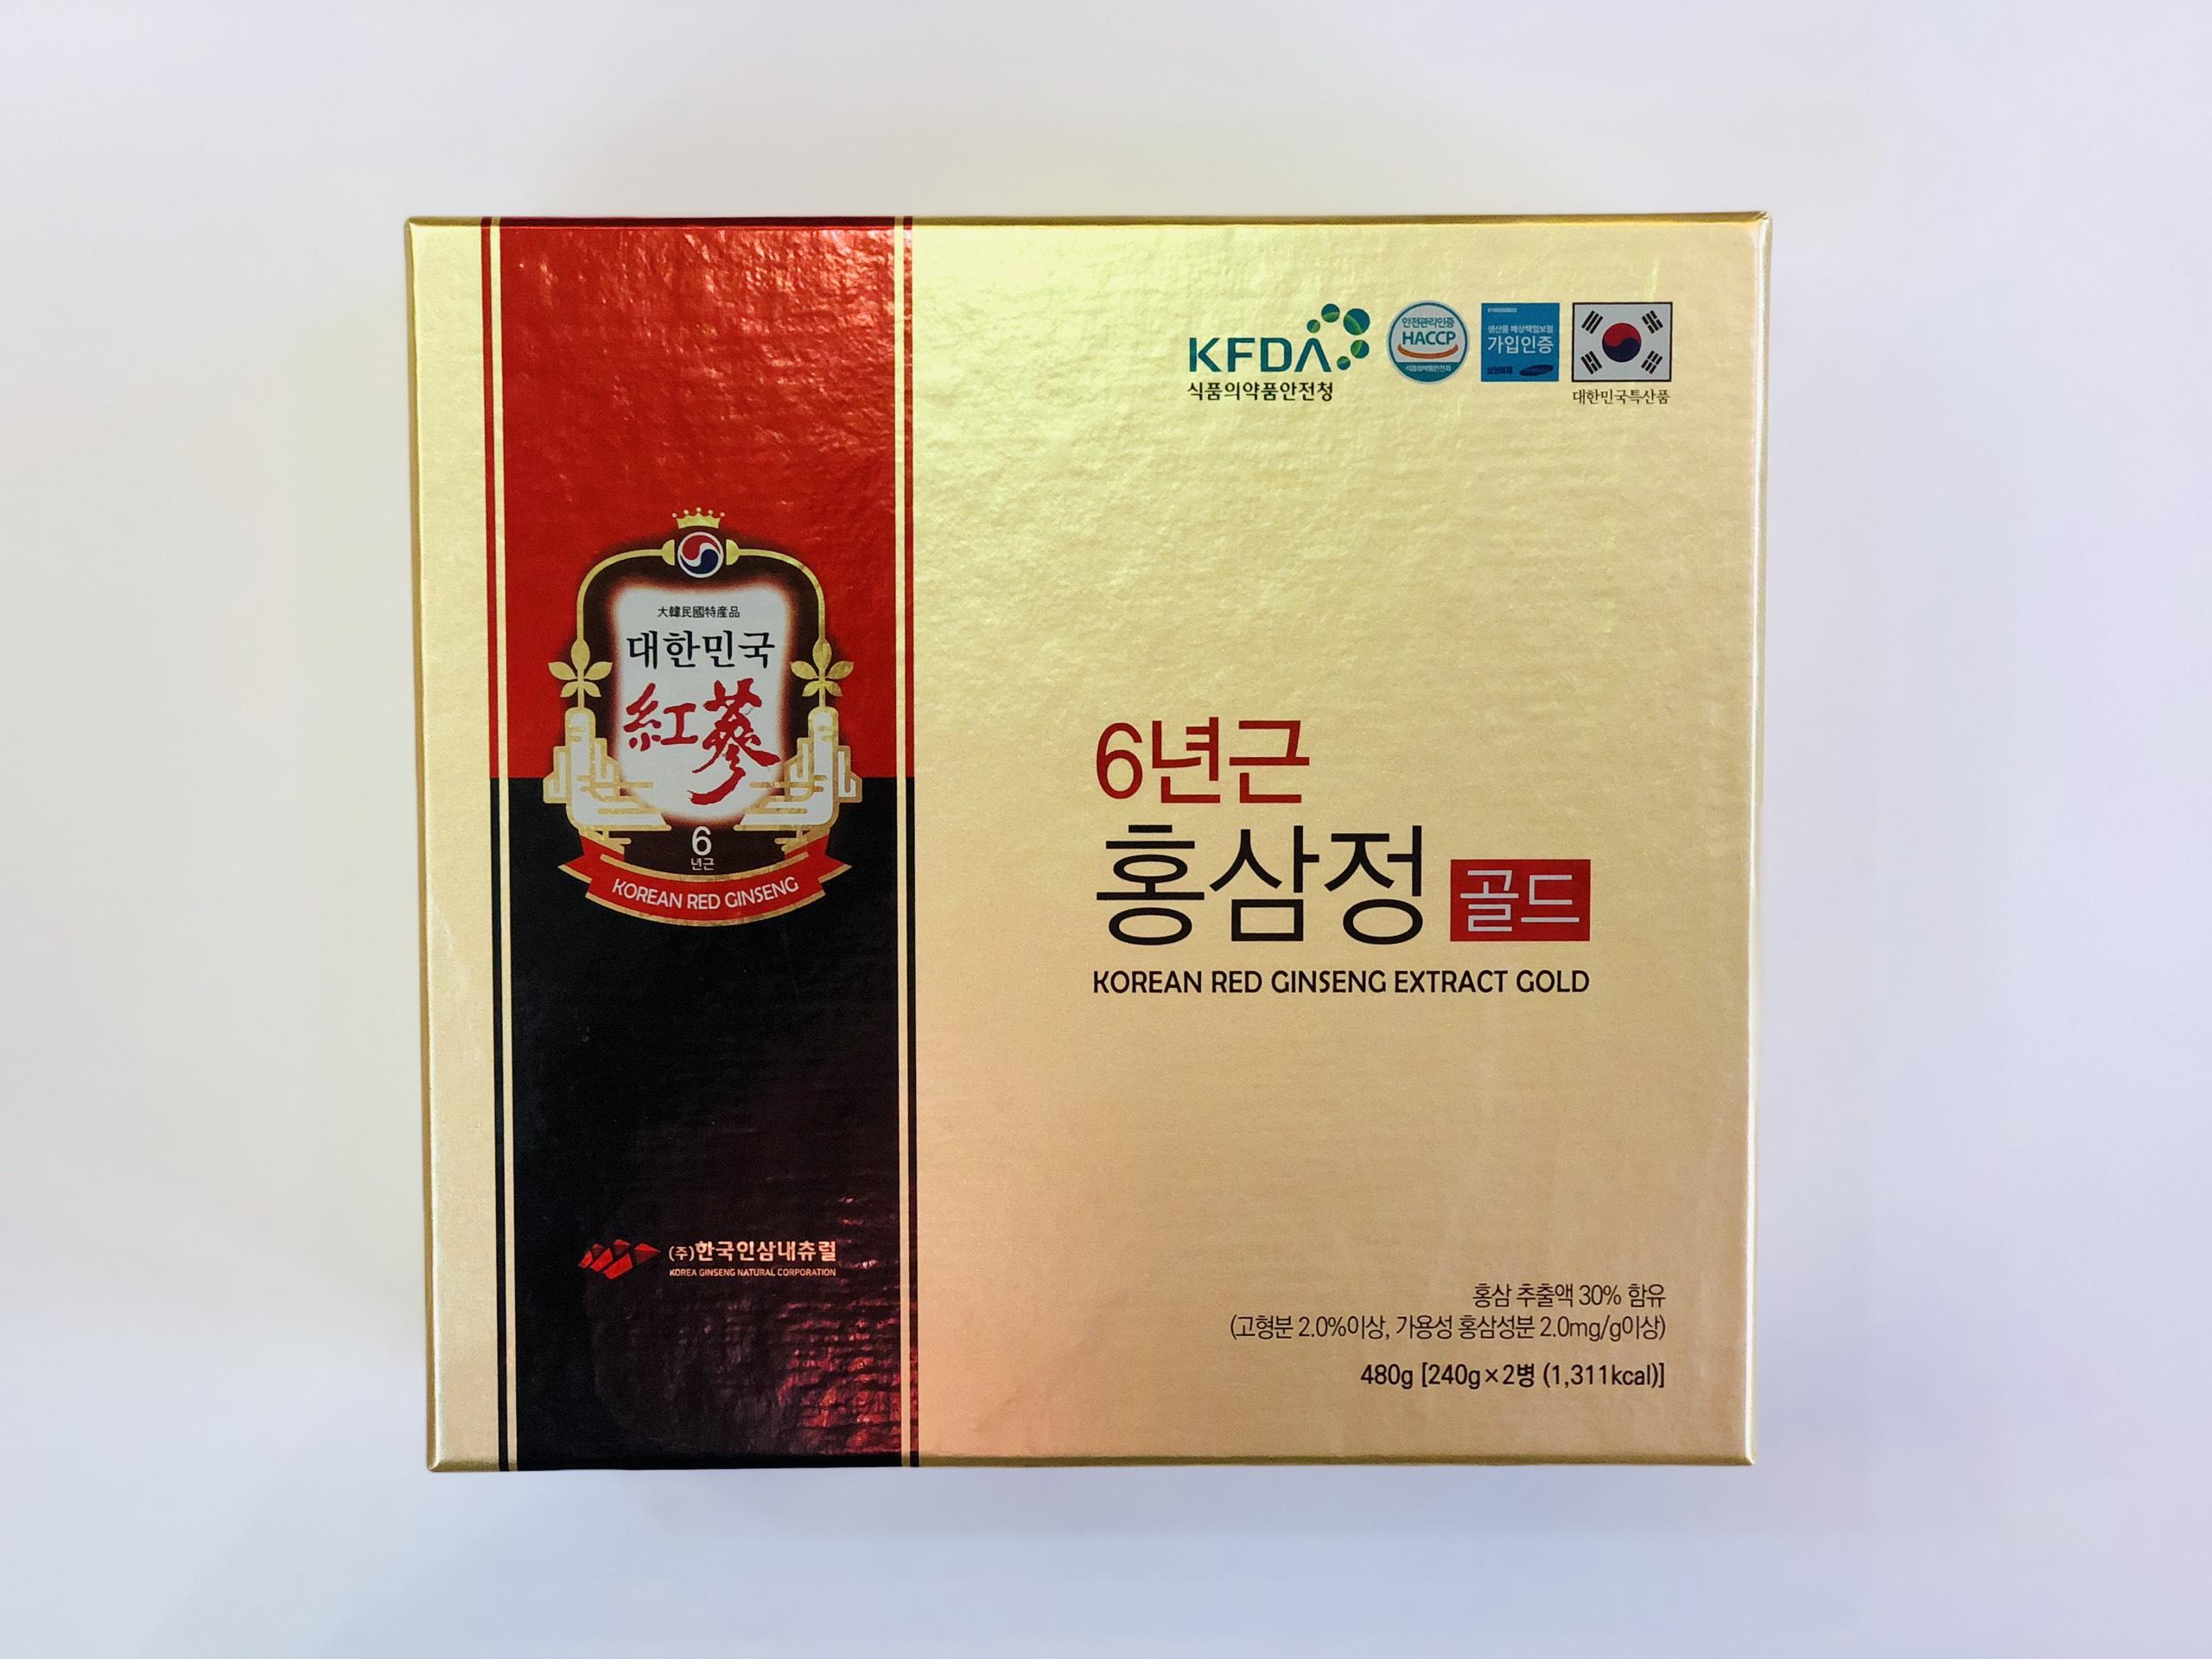 Quà Sang Trọng Cao hồng sâm Korean Red Ginseng Extract Gold 2 lọ